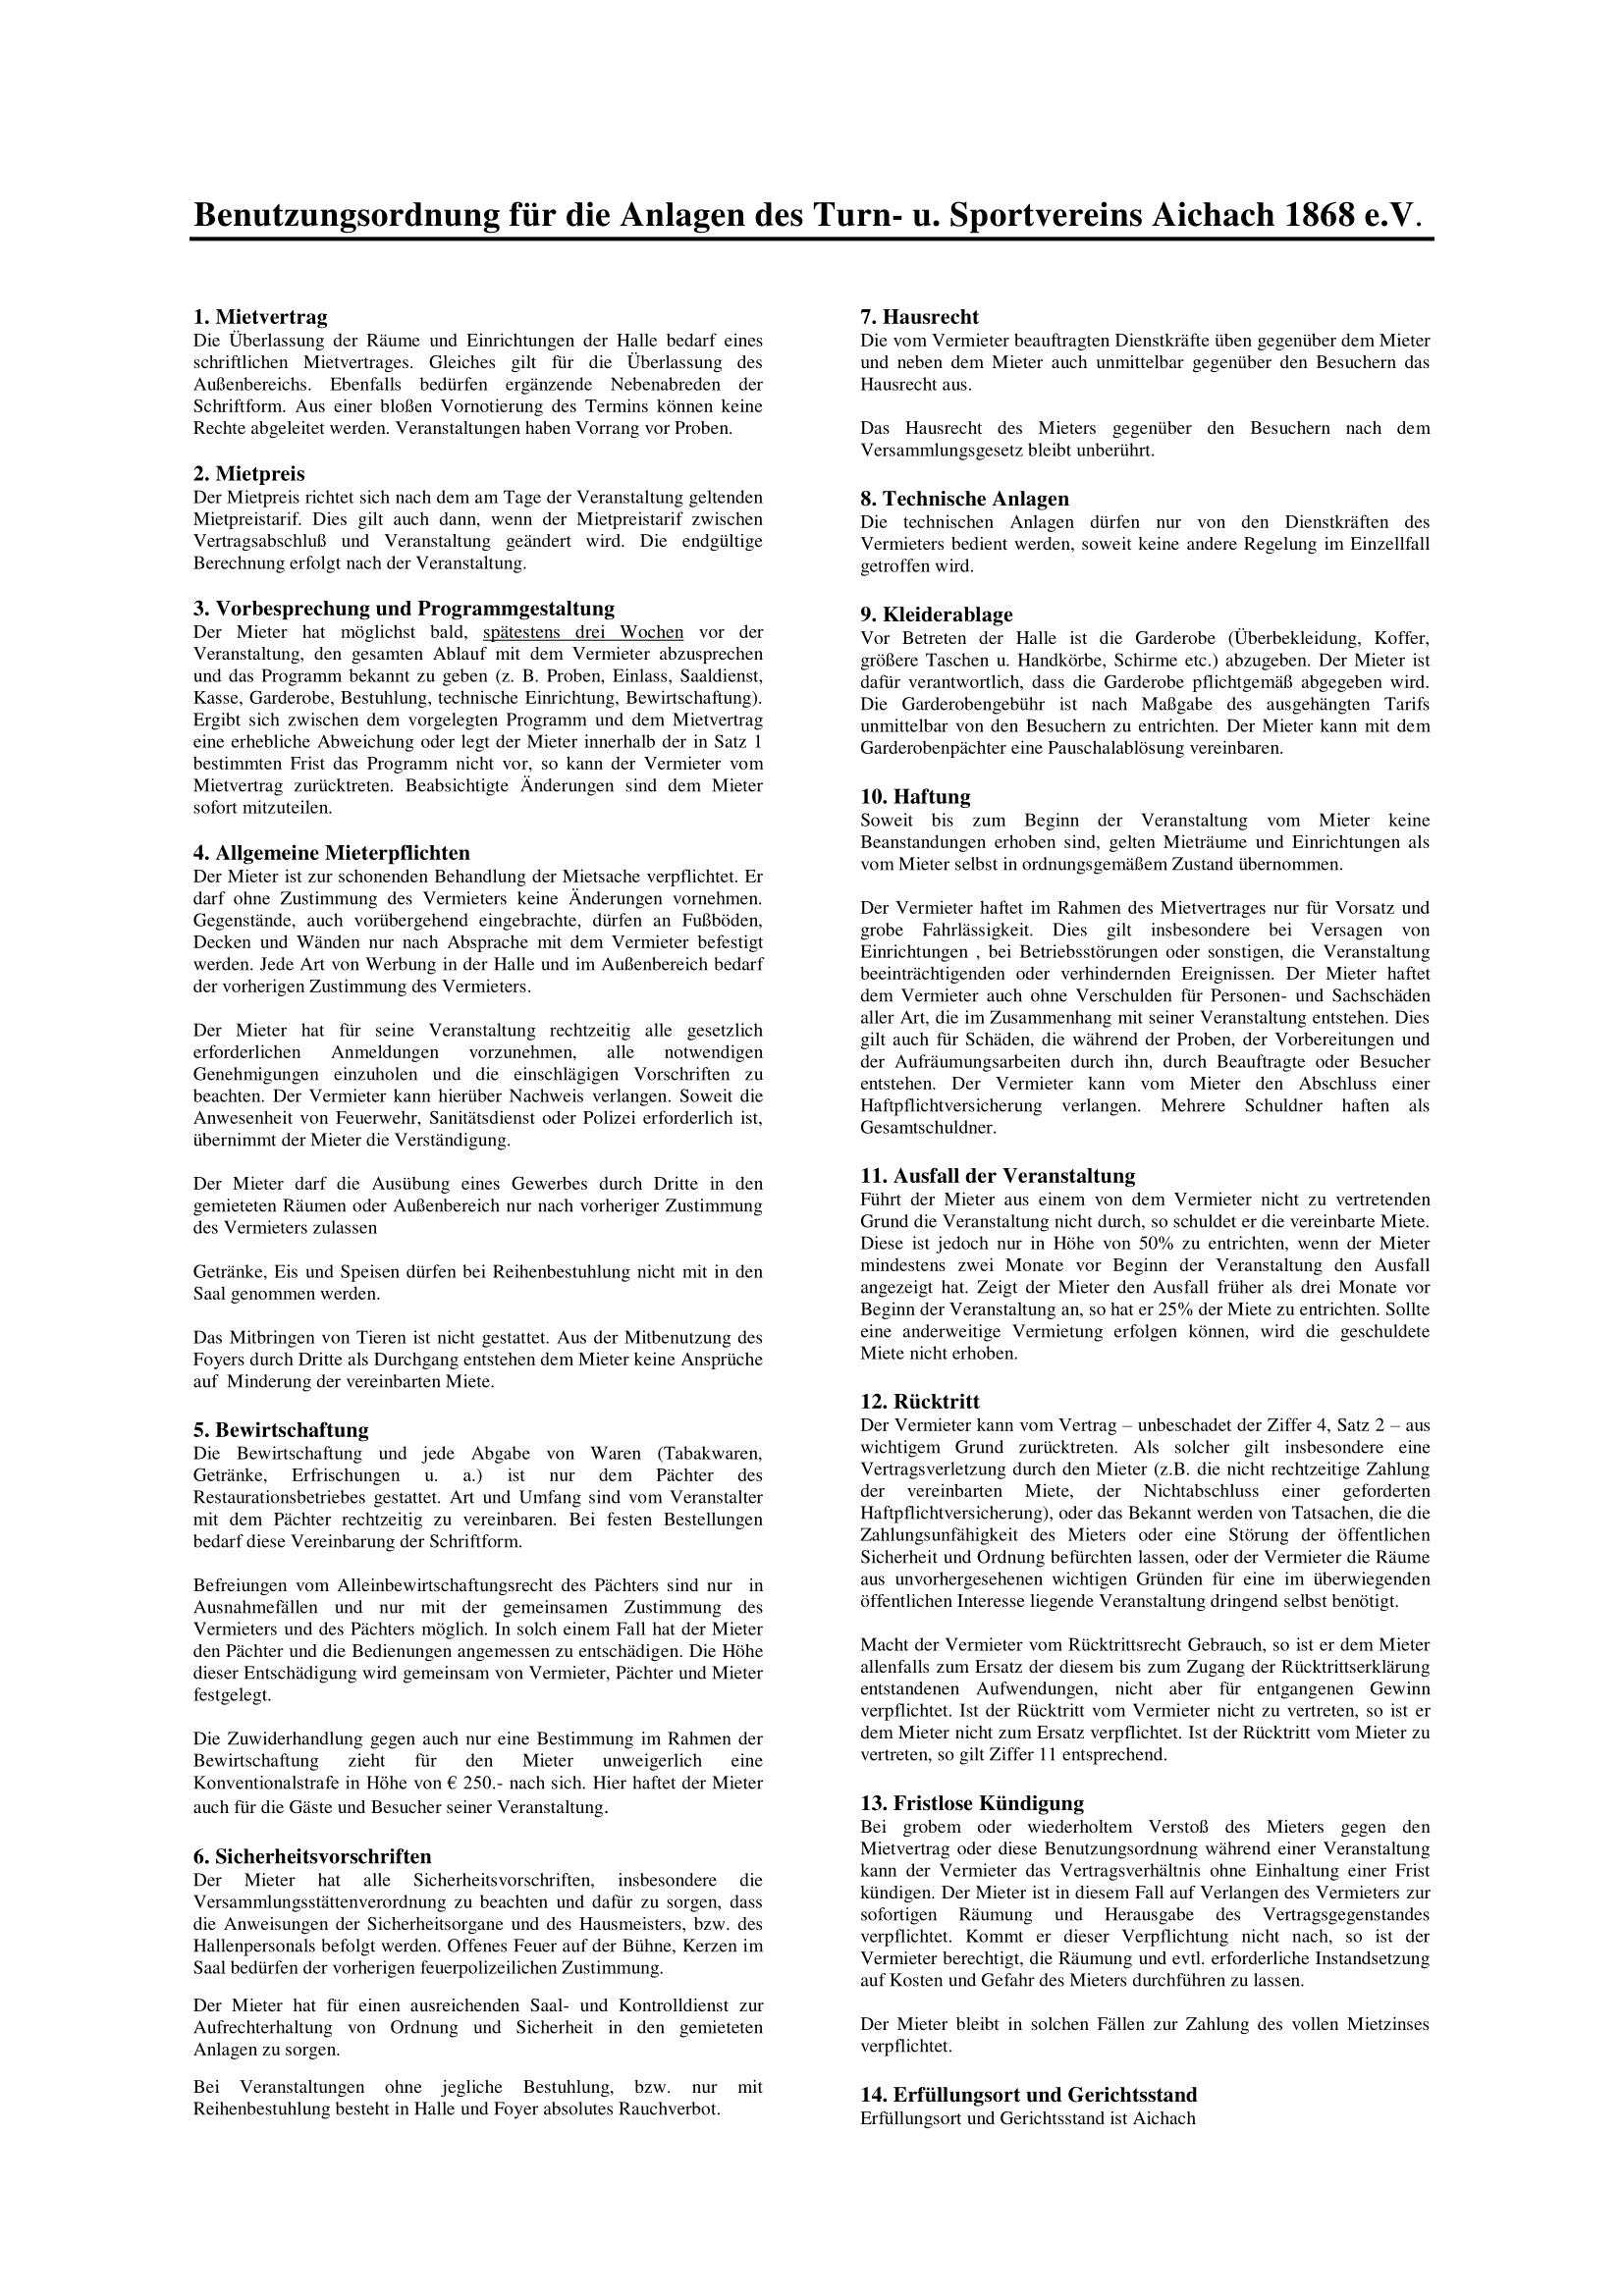 Benutzungsordnung-1